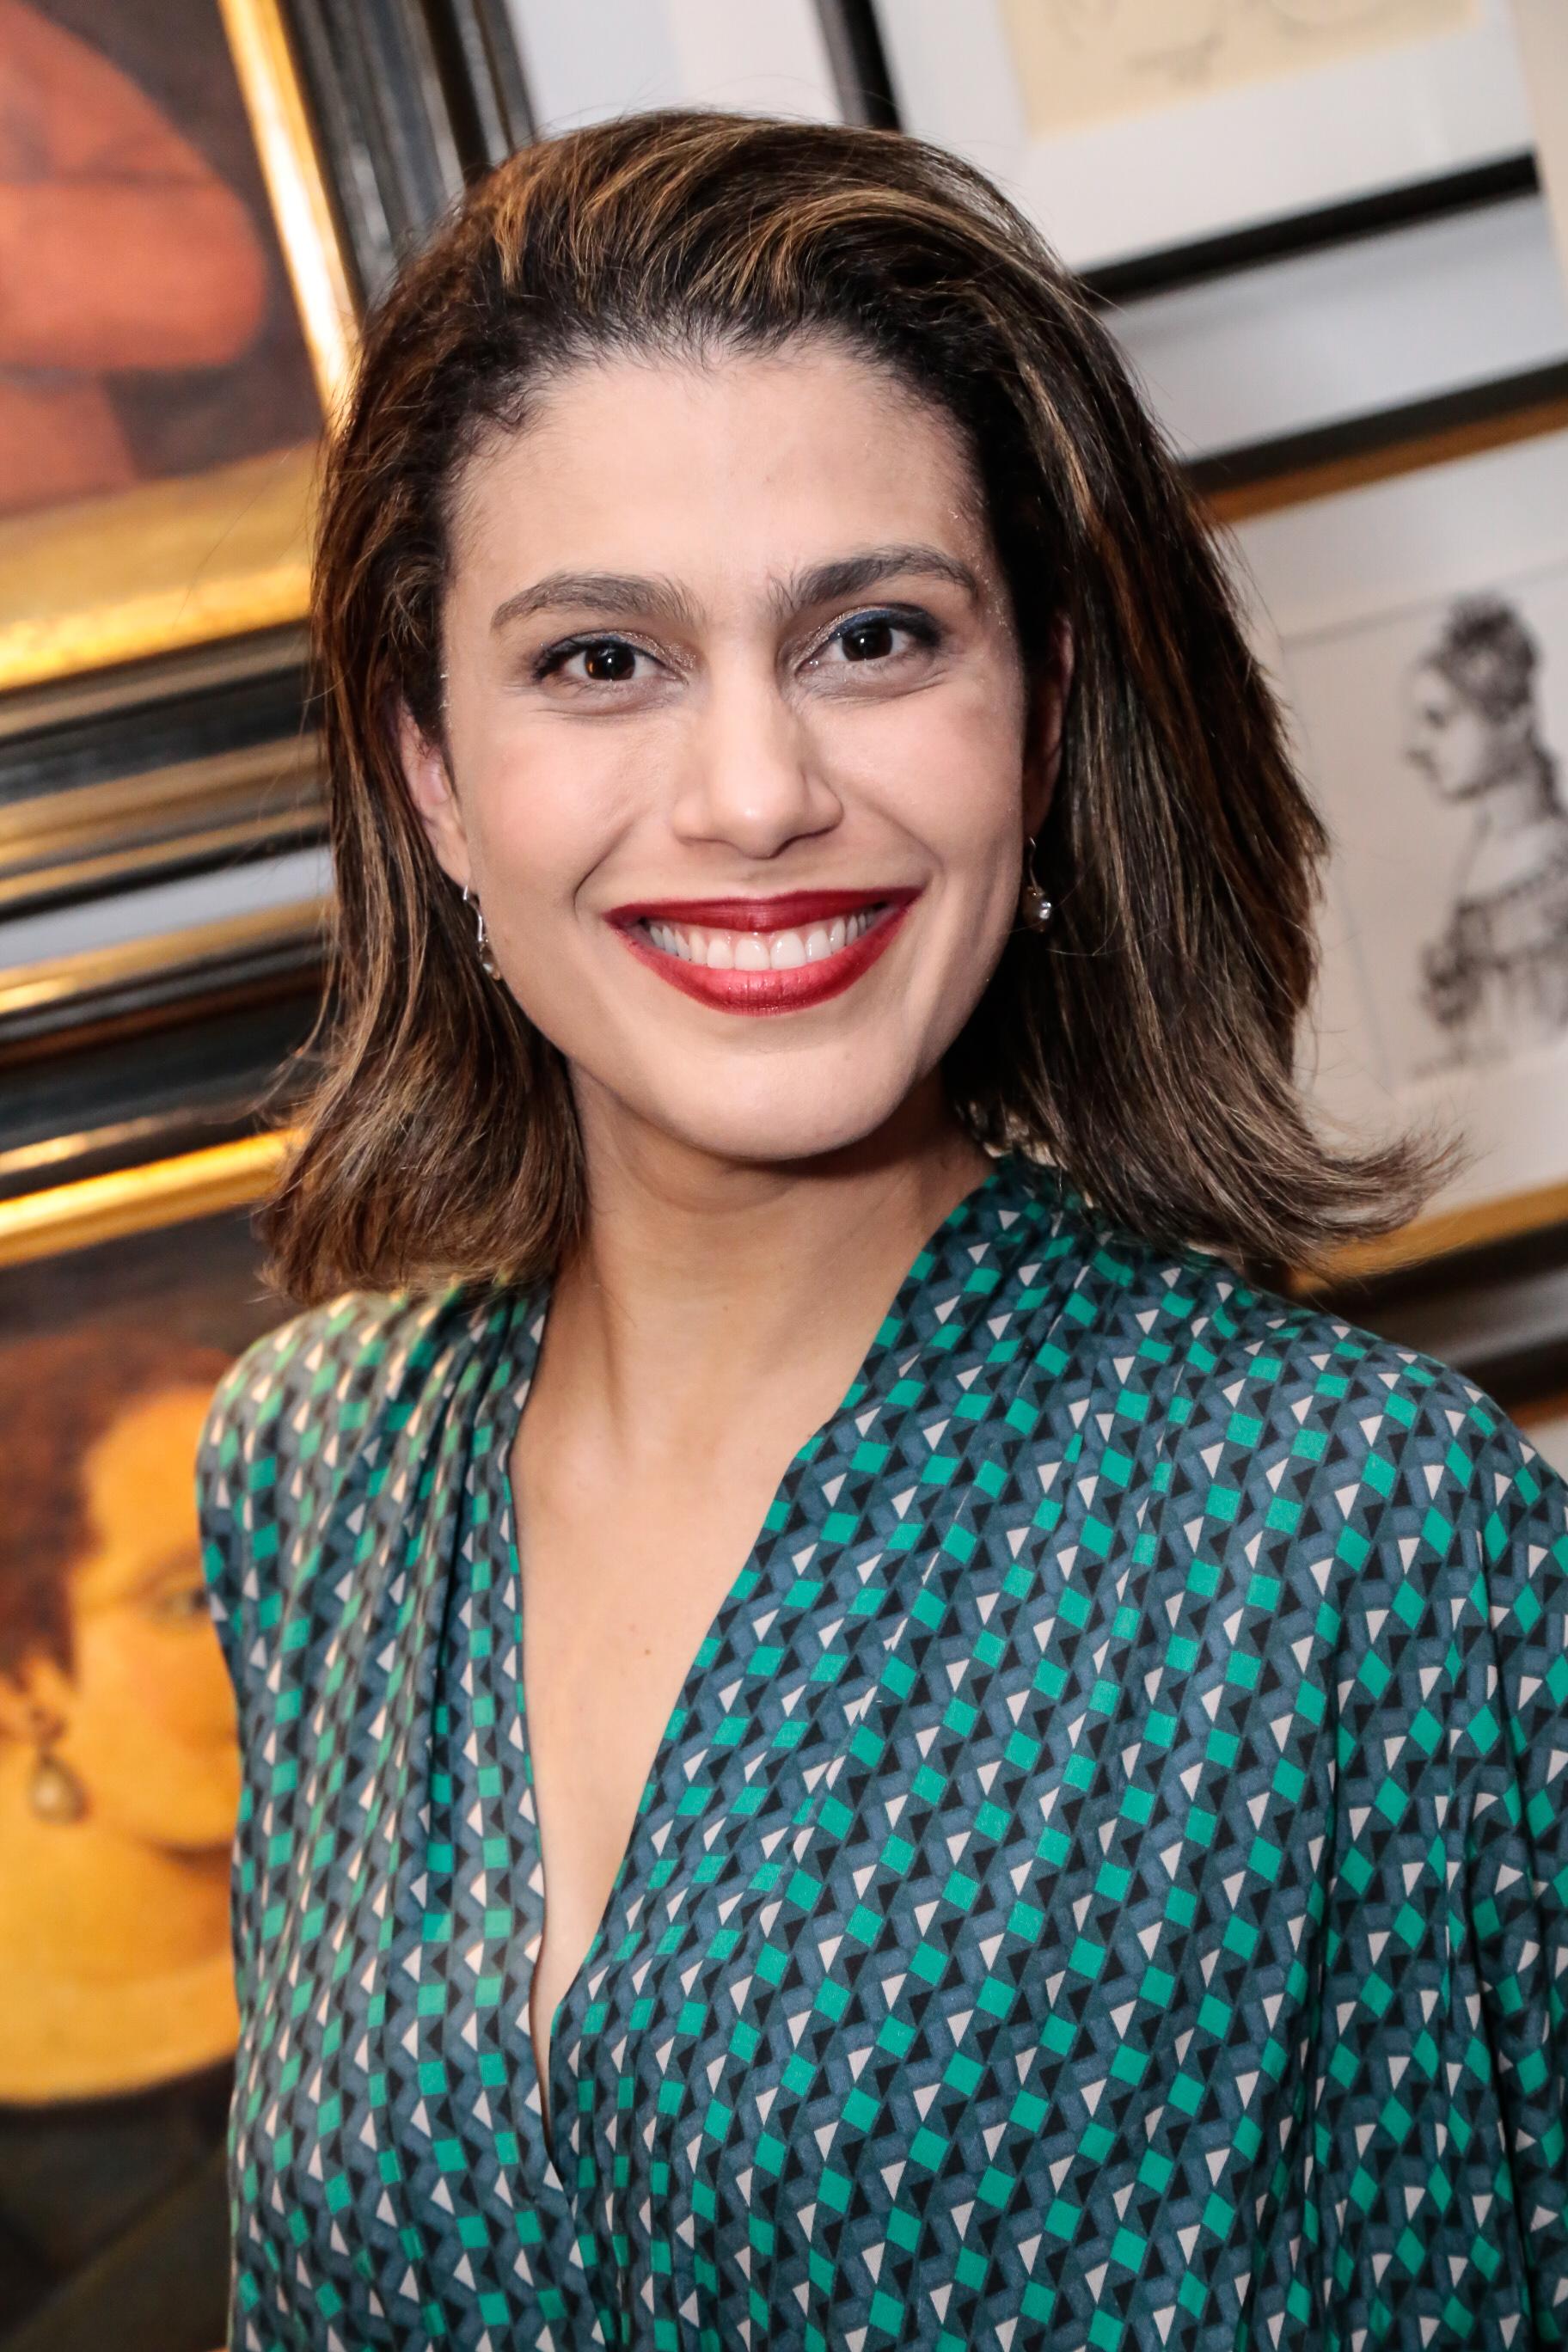 Ana Cristina França - Crédito: Gleyson Ramos/Divulgação